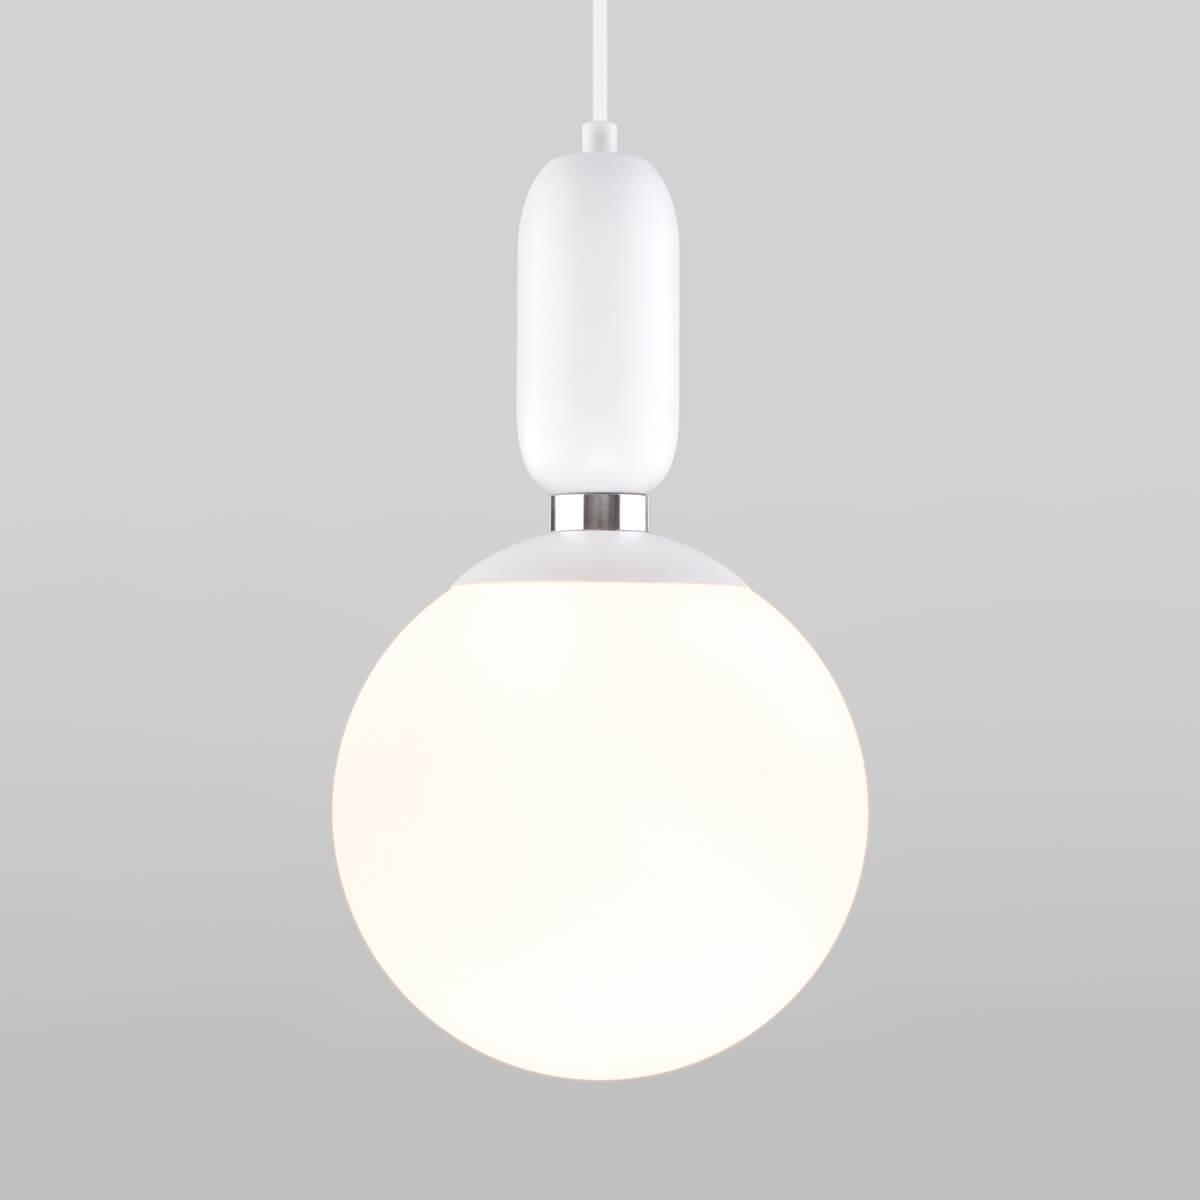 Фото - Светильник Eurosvet 50197/1 белый Bubble светильник eurosvet 90095 10 белый begonia